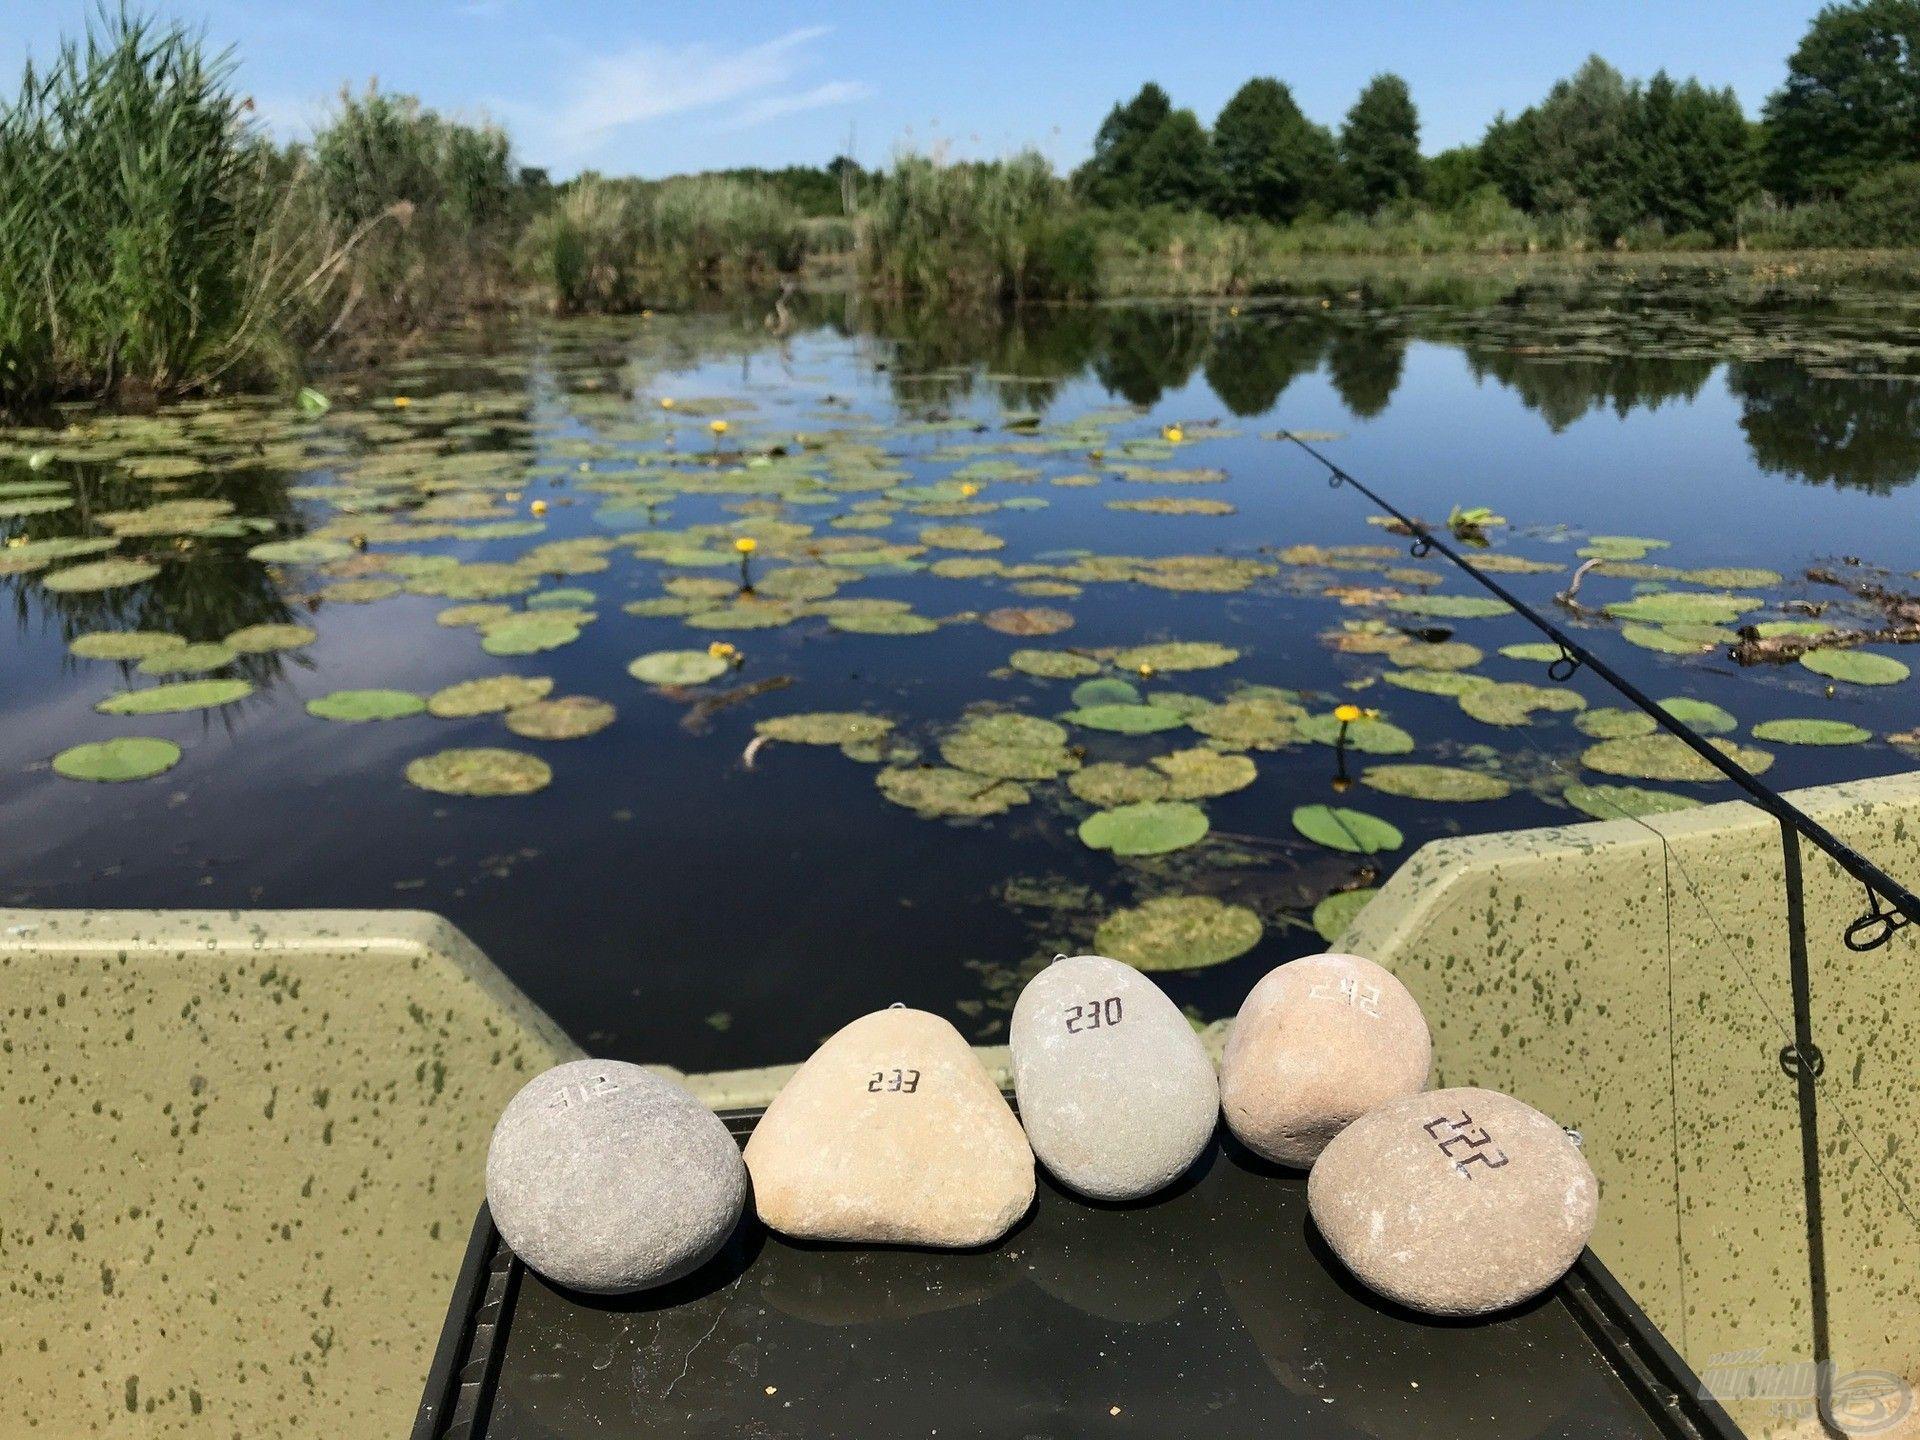 A TiszaStones kősúlyok remek megoldást nyújtanak a nehéz, akadókkal gazdag vizek meghorgászásához